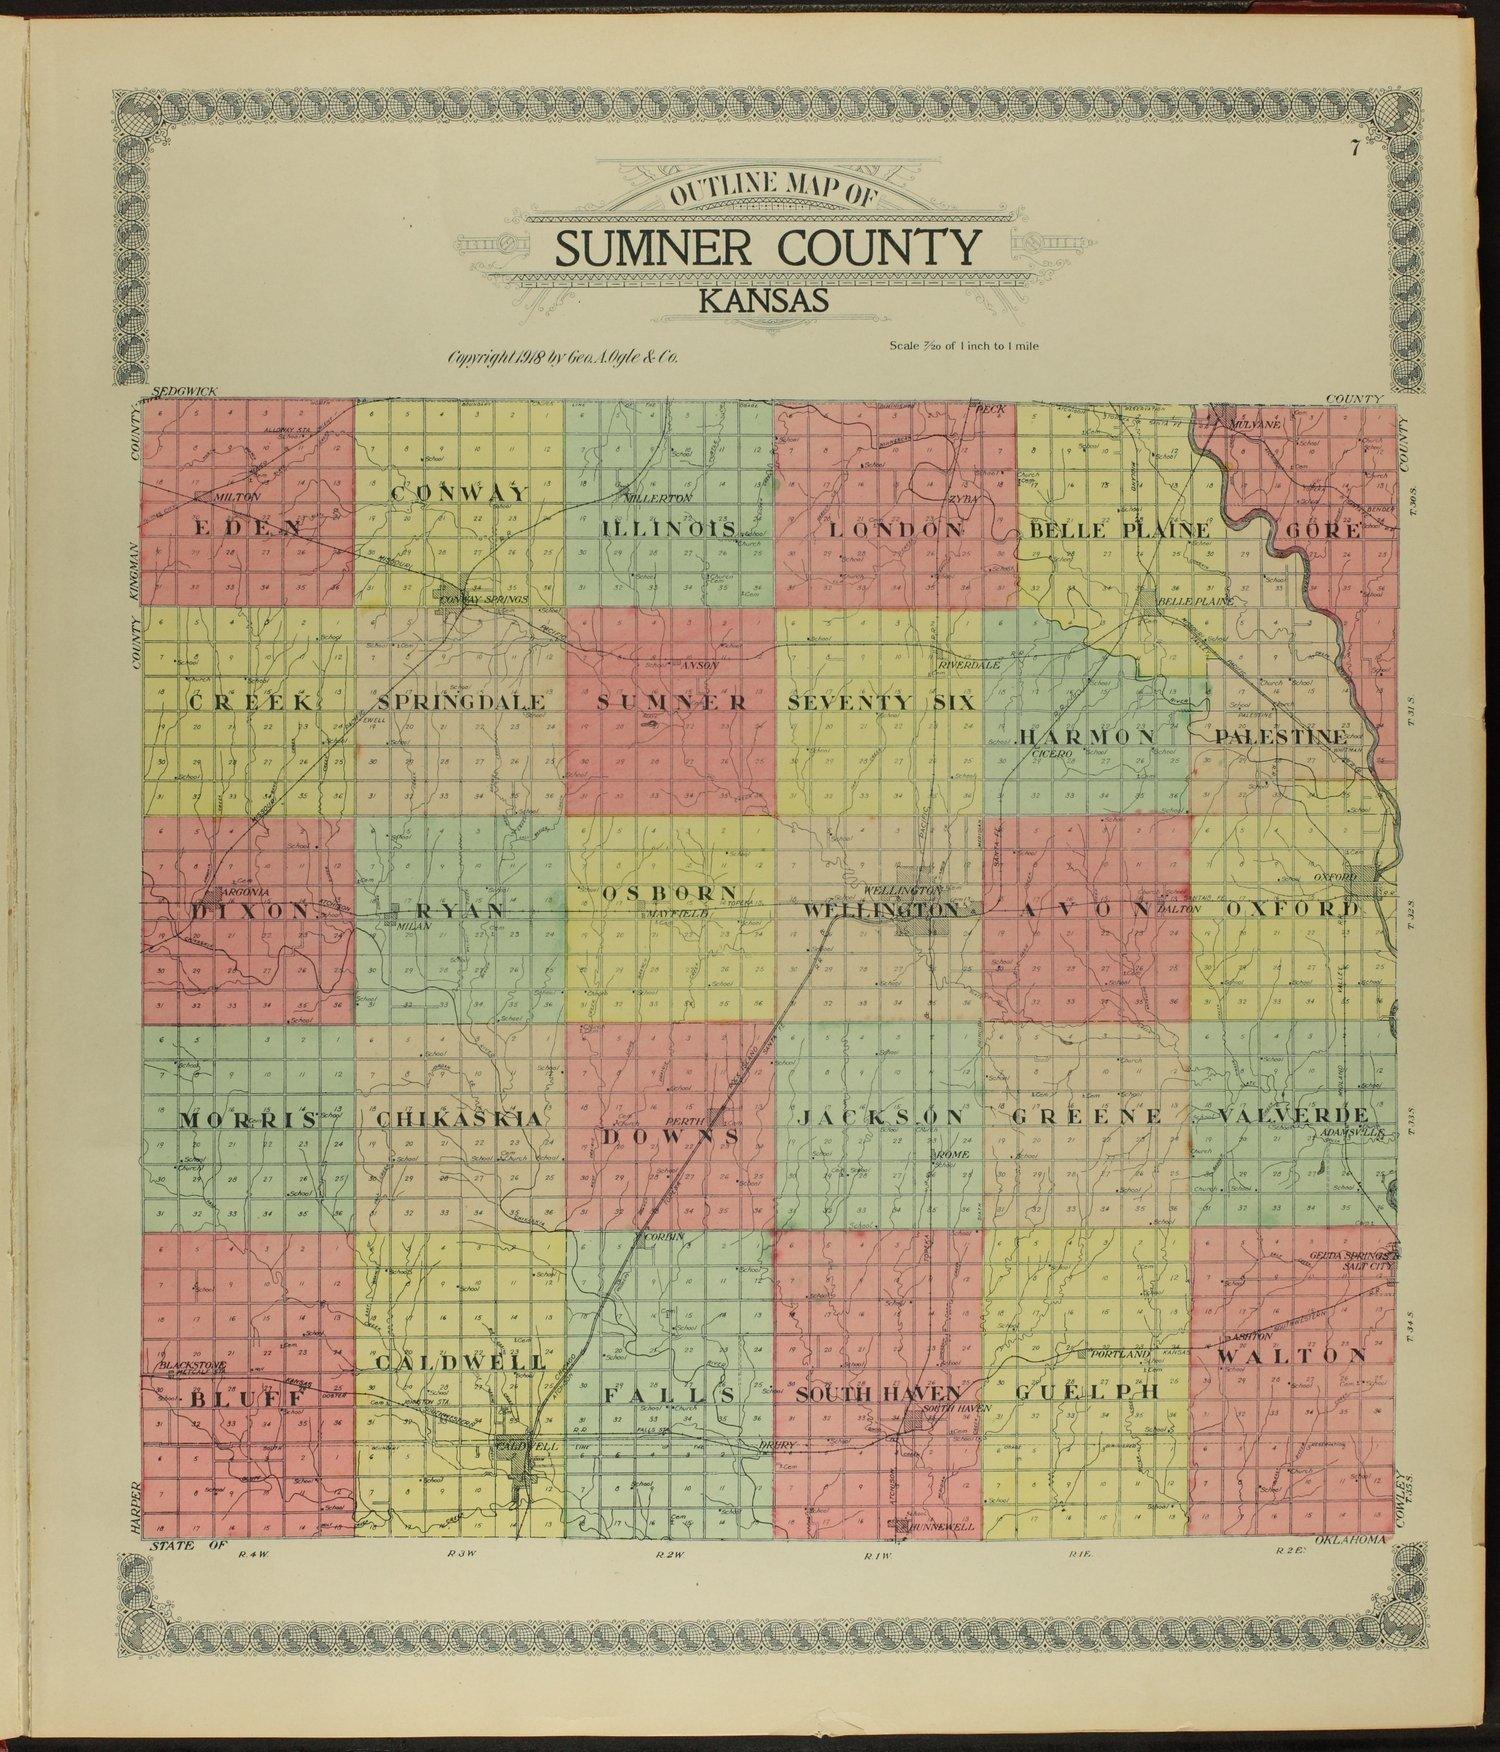 Standard atlas of Sumner County, Kansas - 7